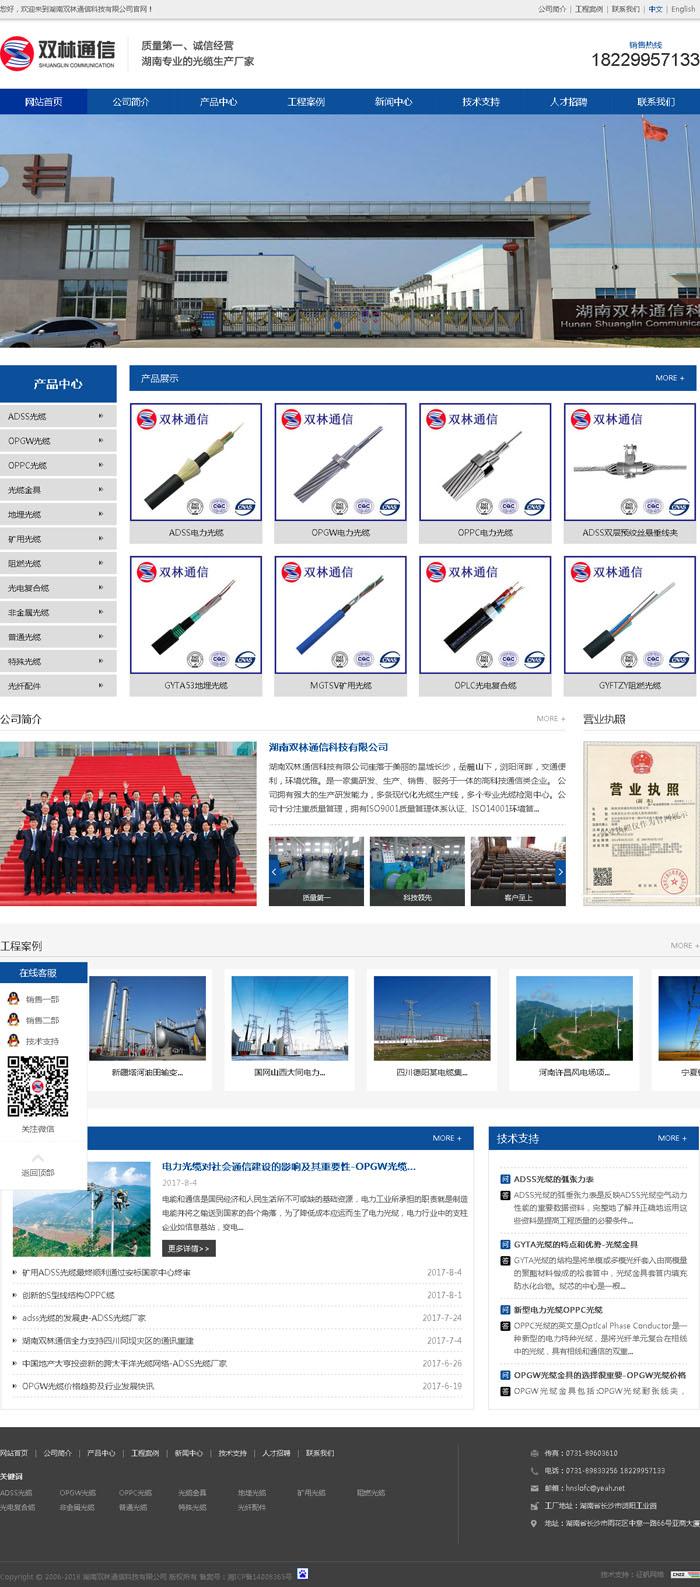 湖南双林通信科技有限公司网站效果图